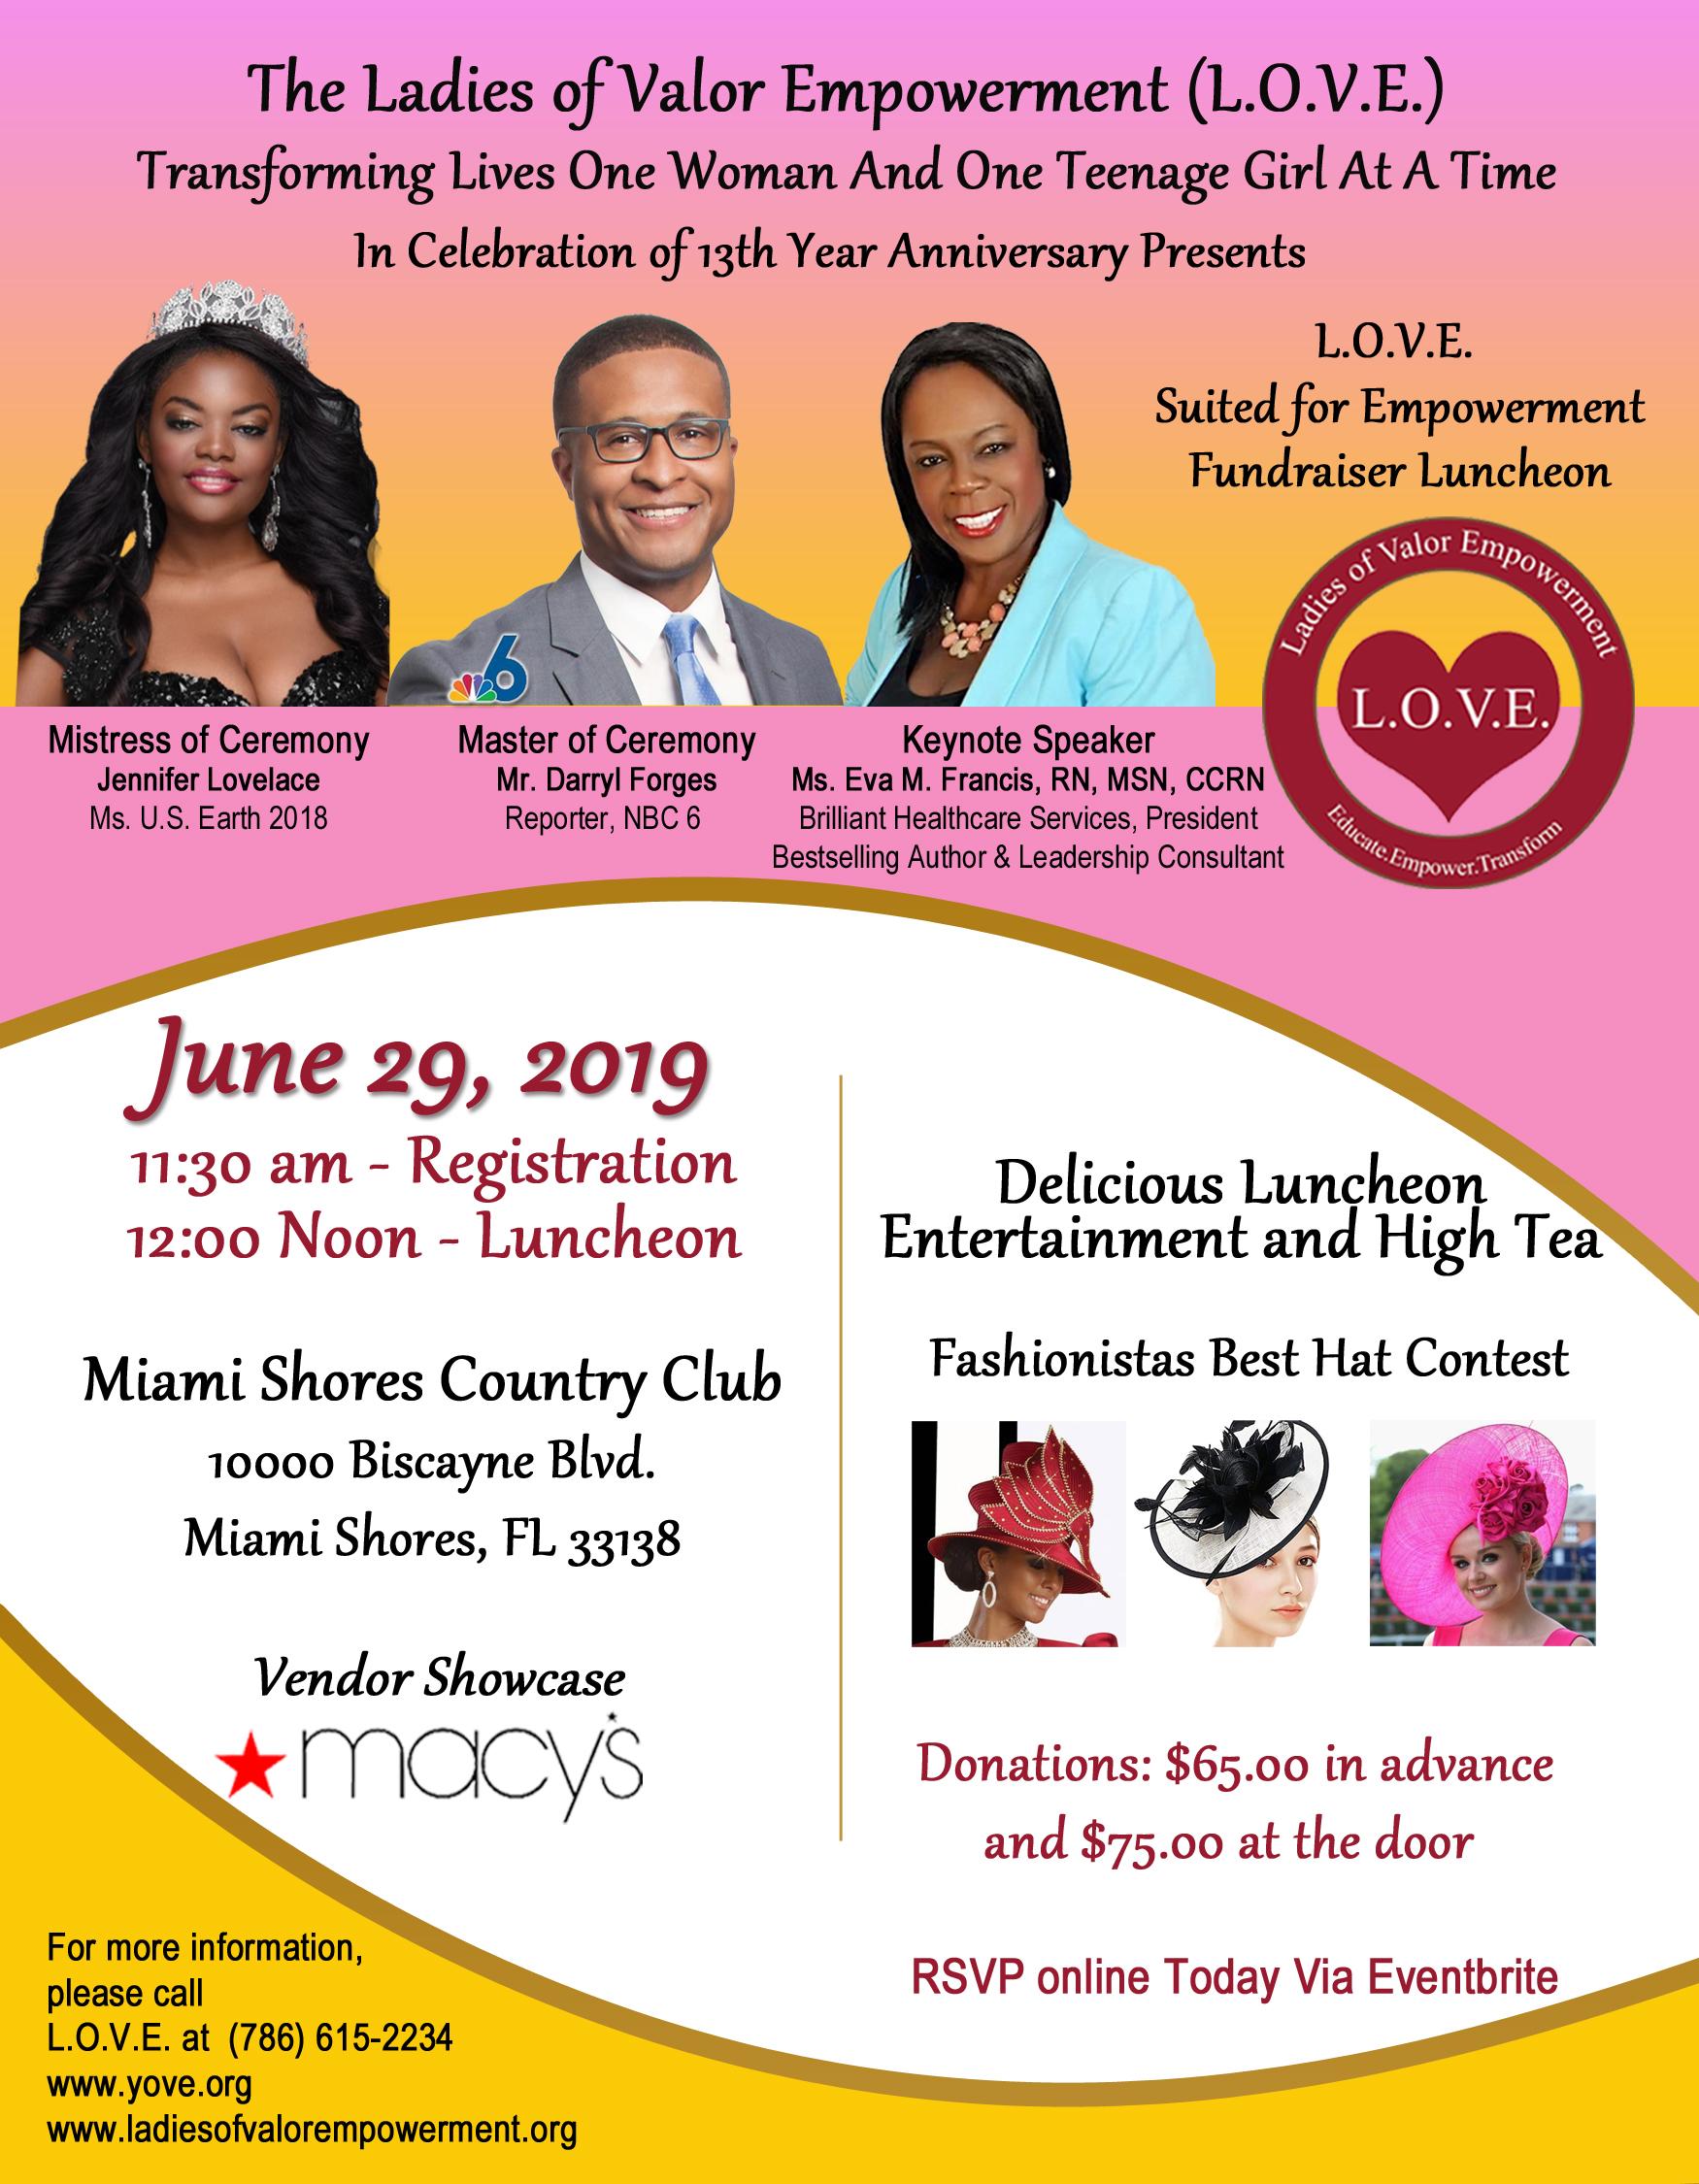 L.O.V.E. event details on June 29